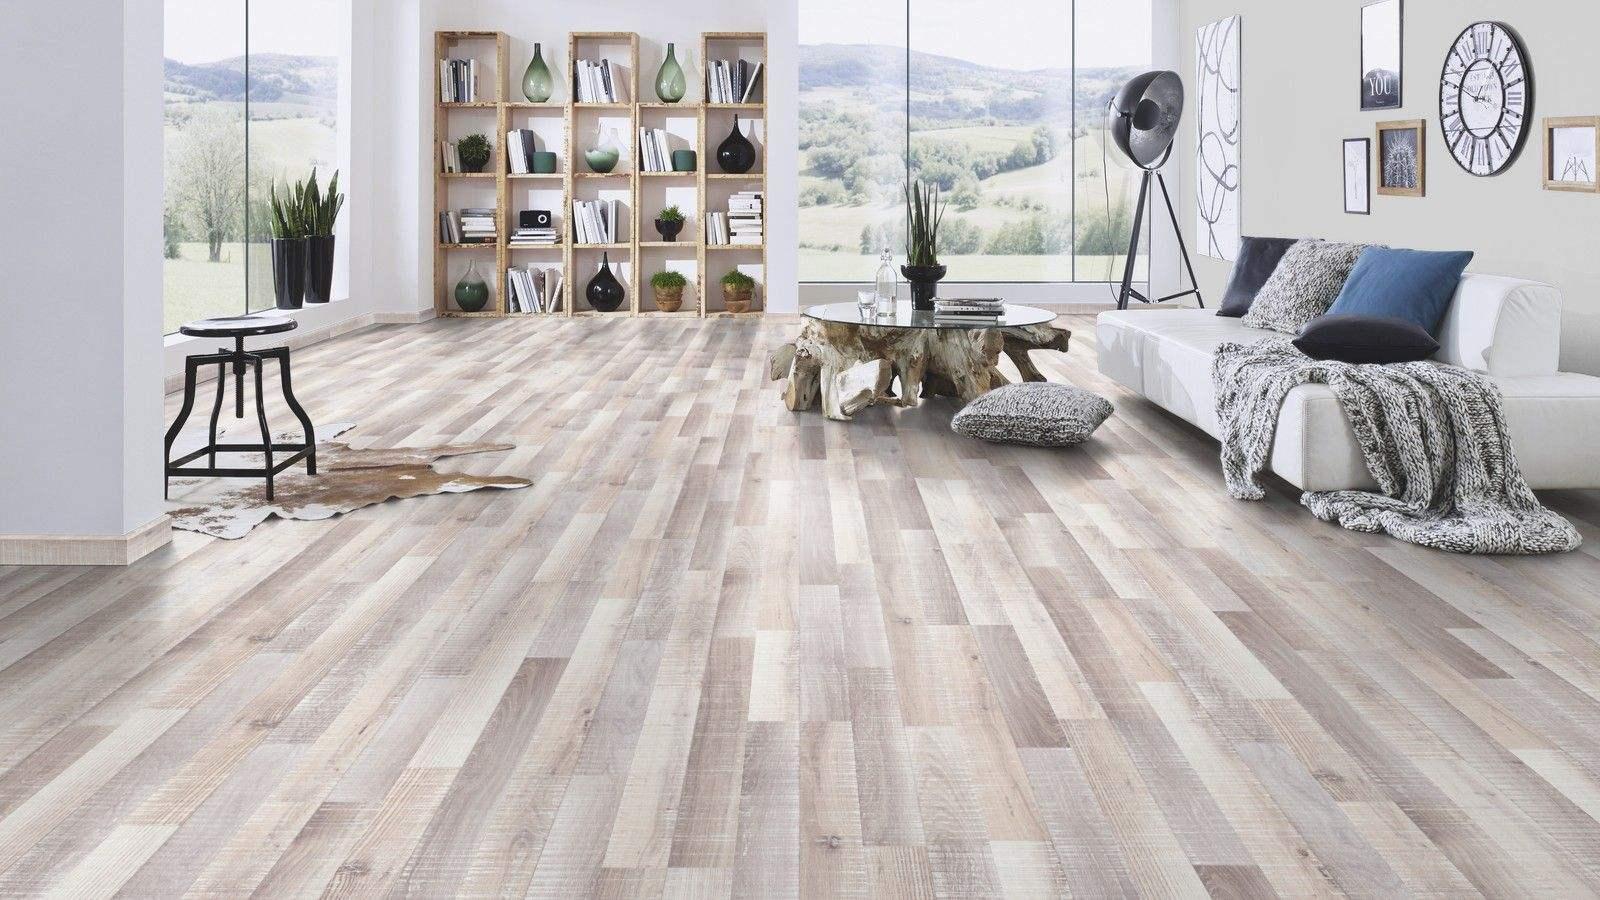 如何挑选木地板  木地板挑选技巧介绍